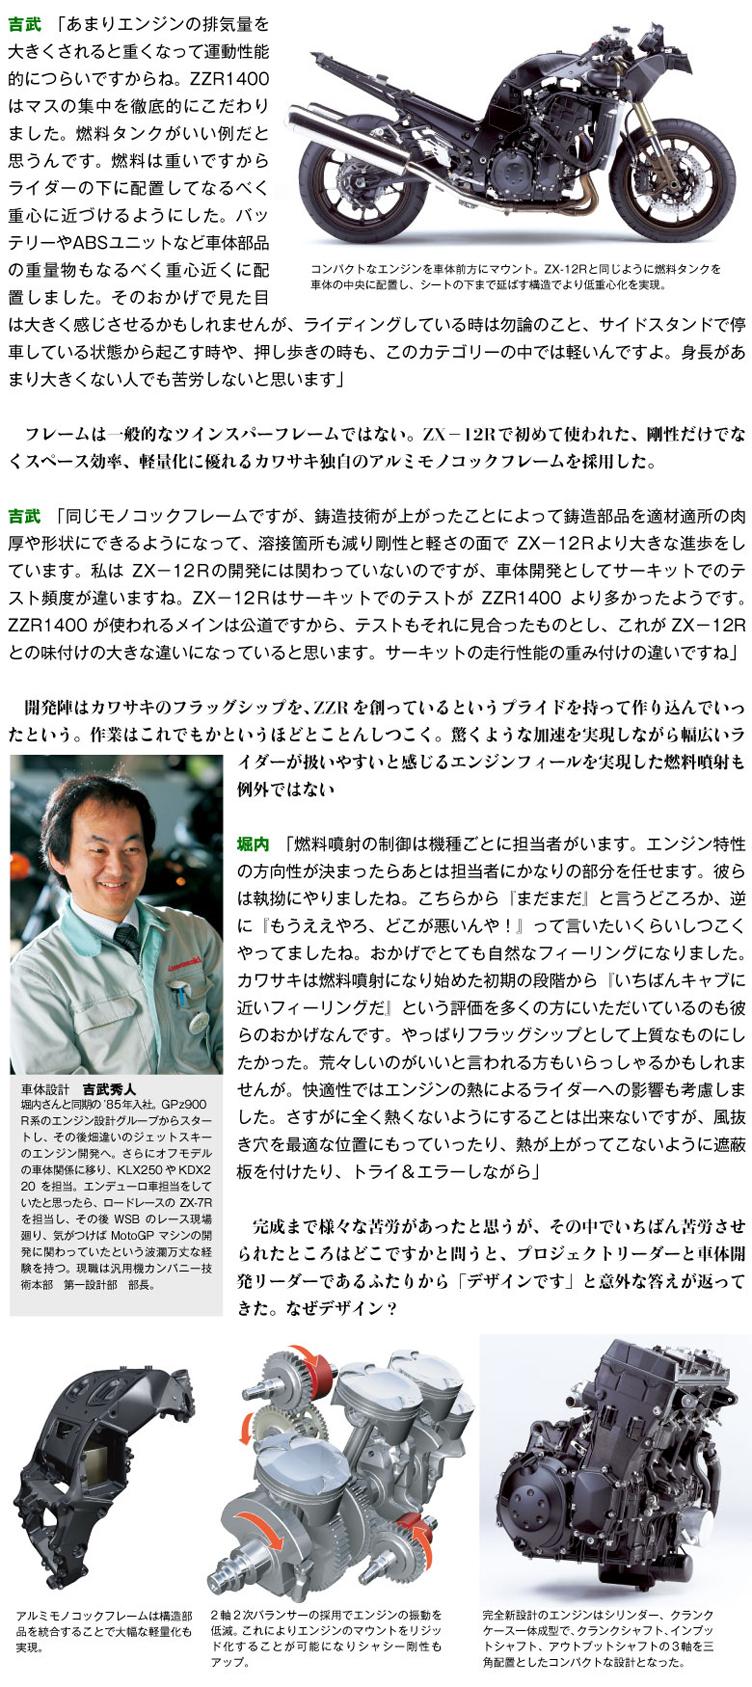 初代ZZR1400開発者インタビュー・技術陣編3